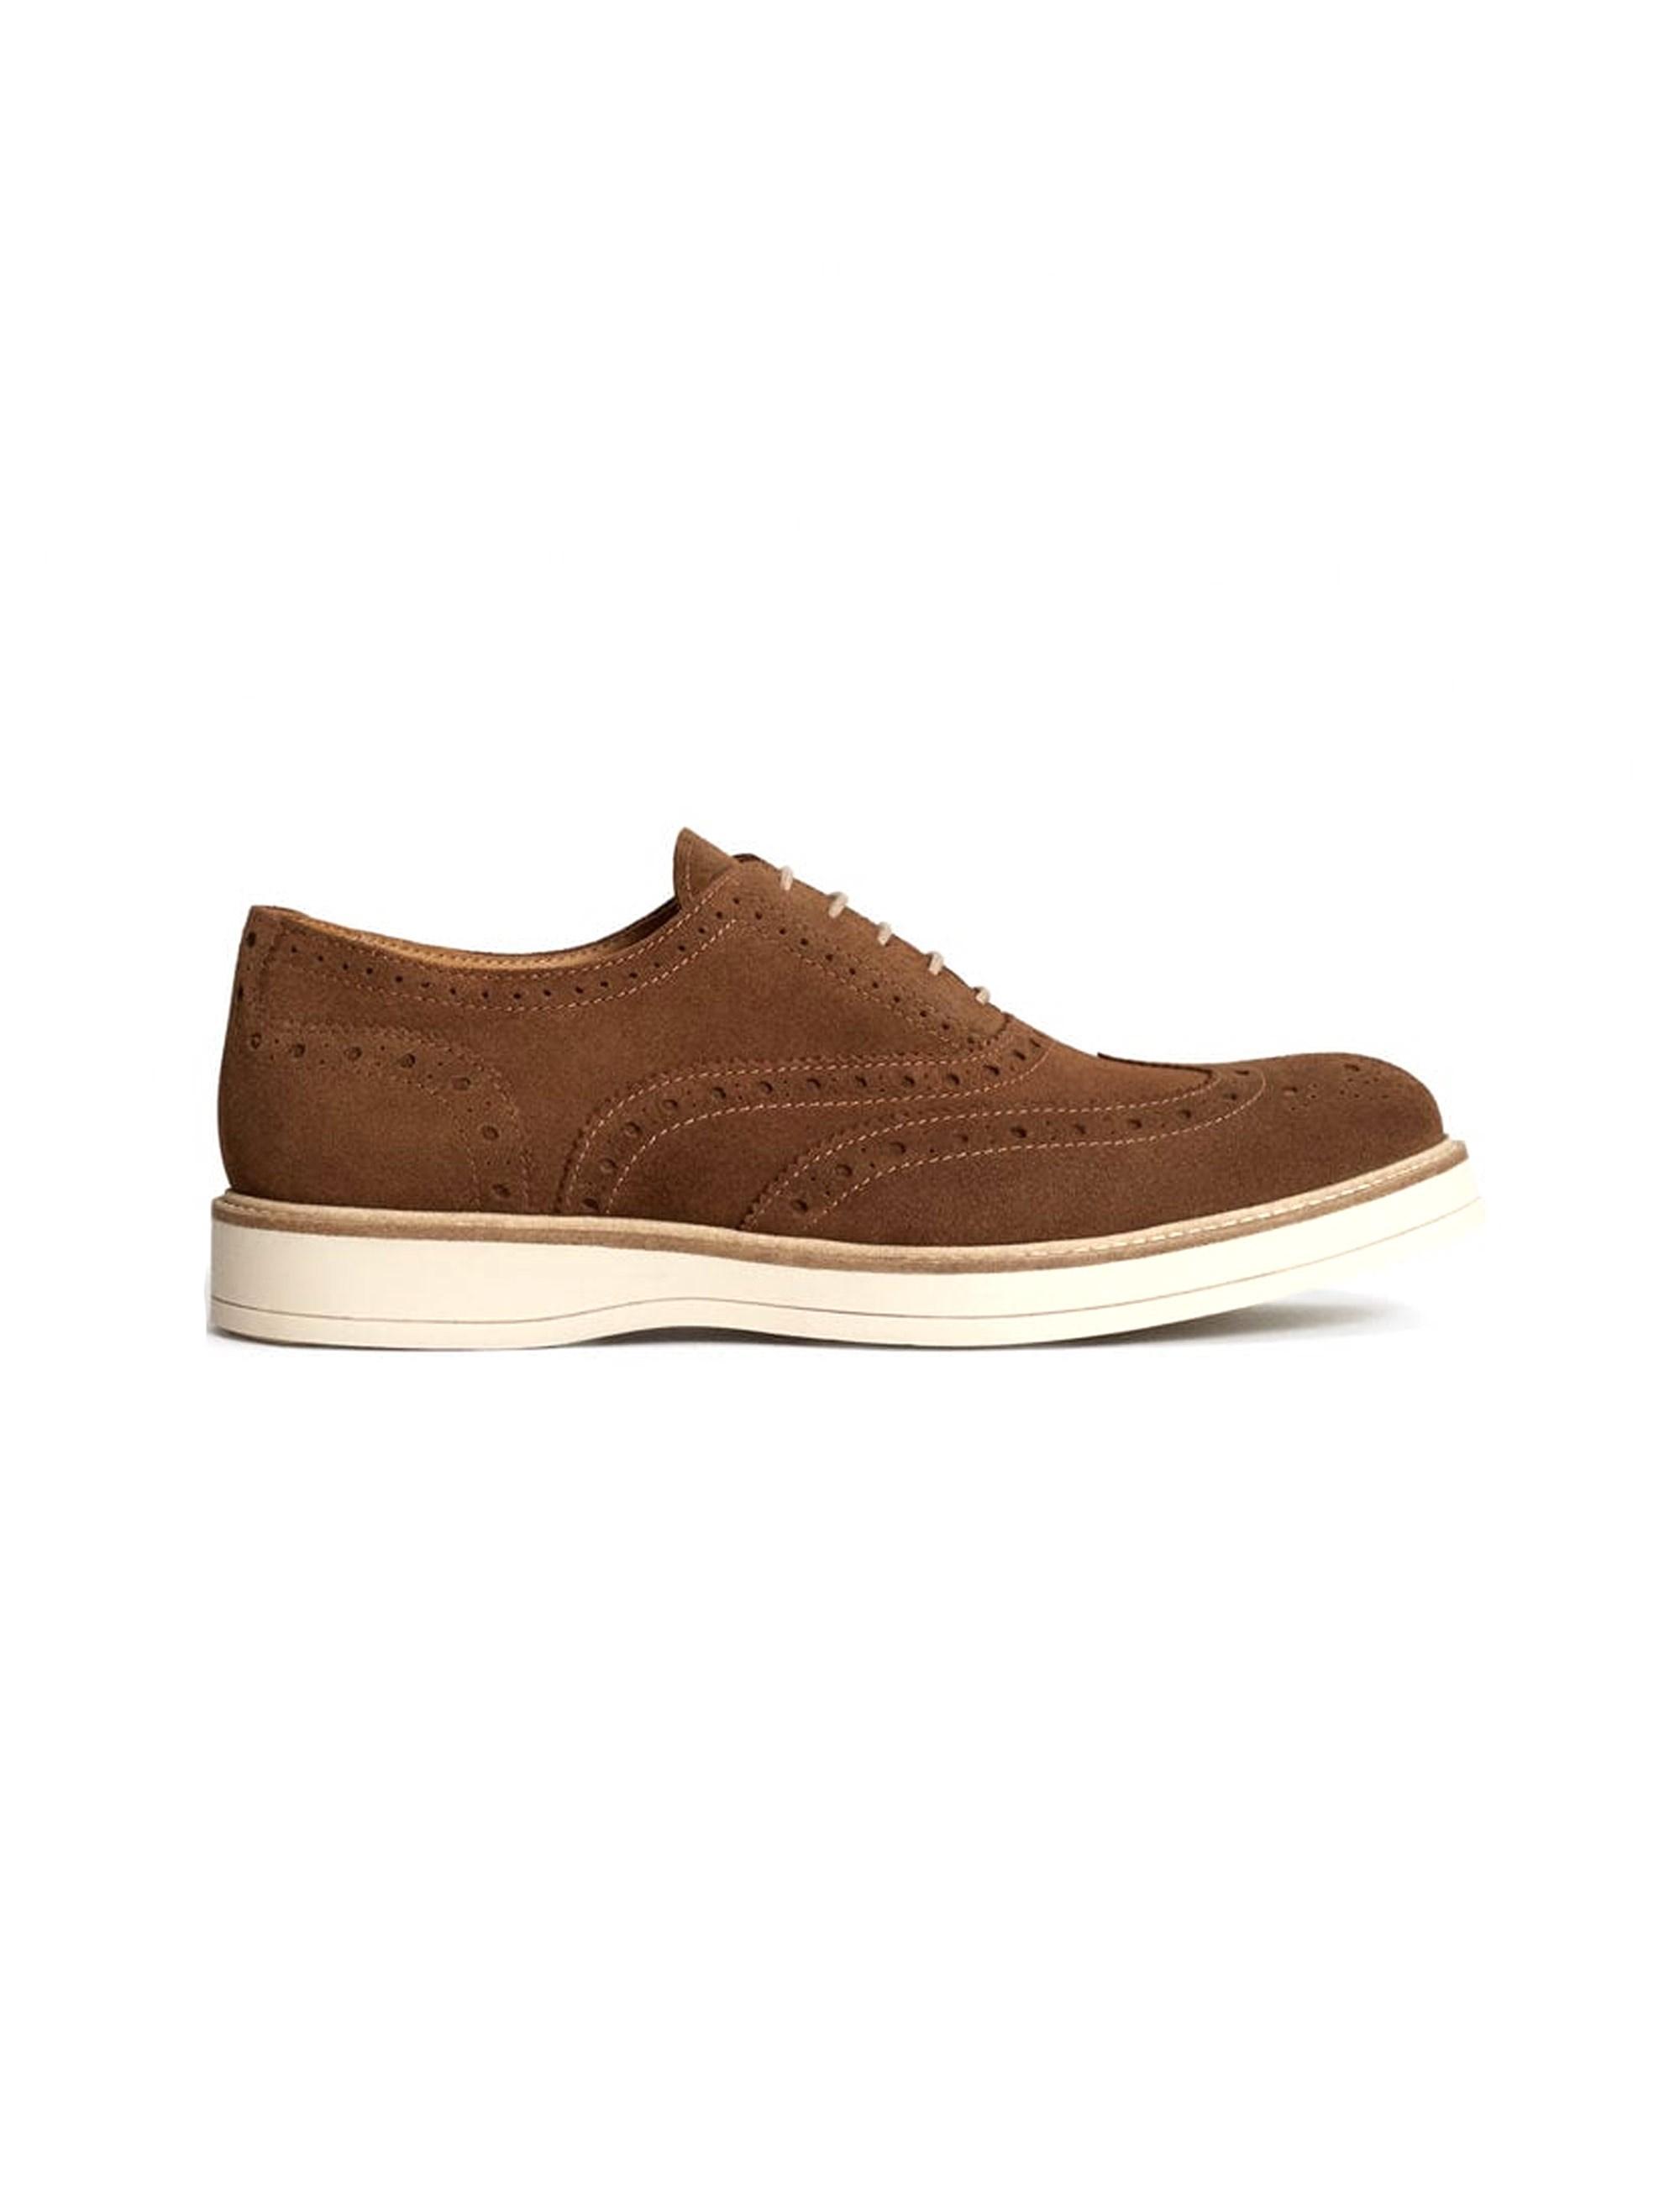 قیمت کفش اداری جیر مردانه - مانگو